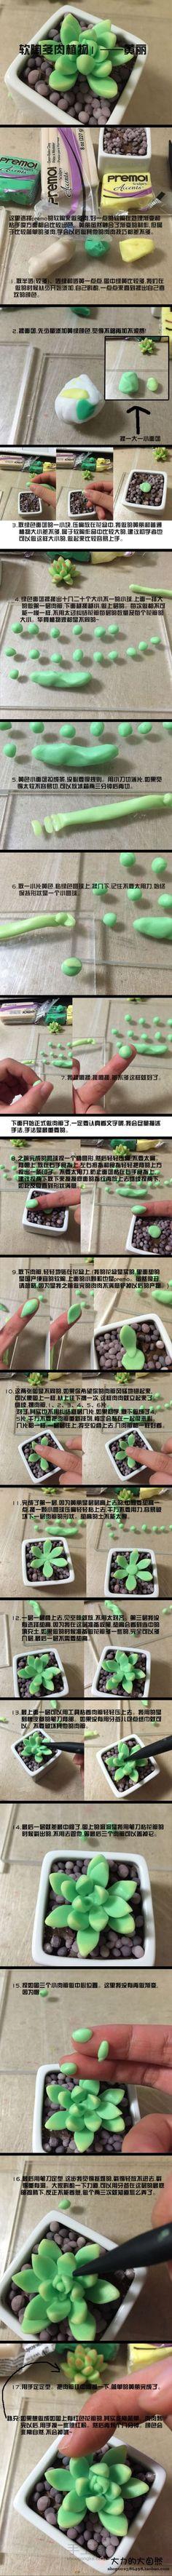 大力的软陶教程1—软陶多肉植物黄丽 第1步